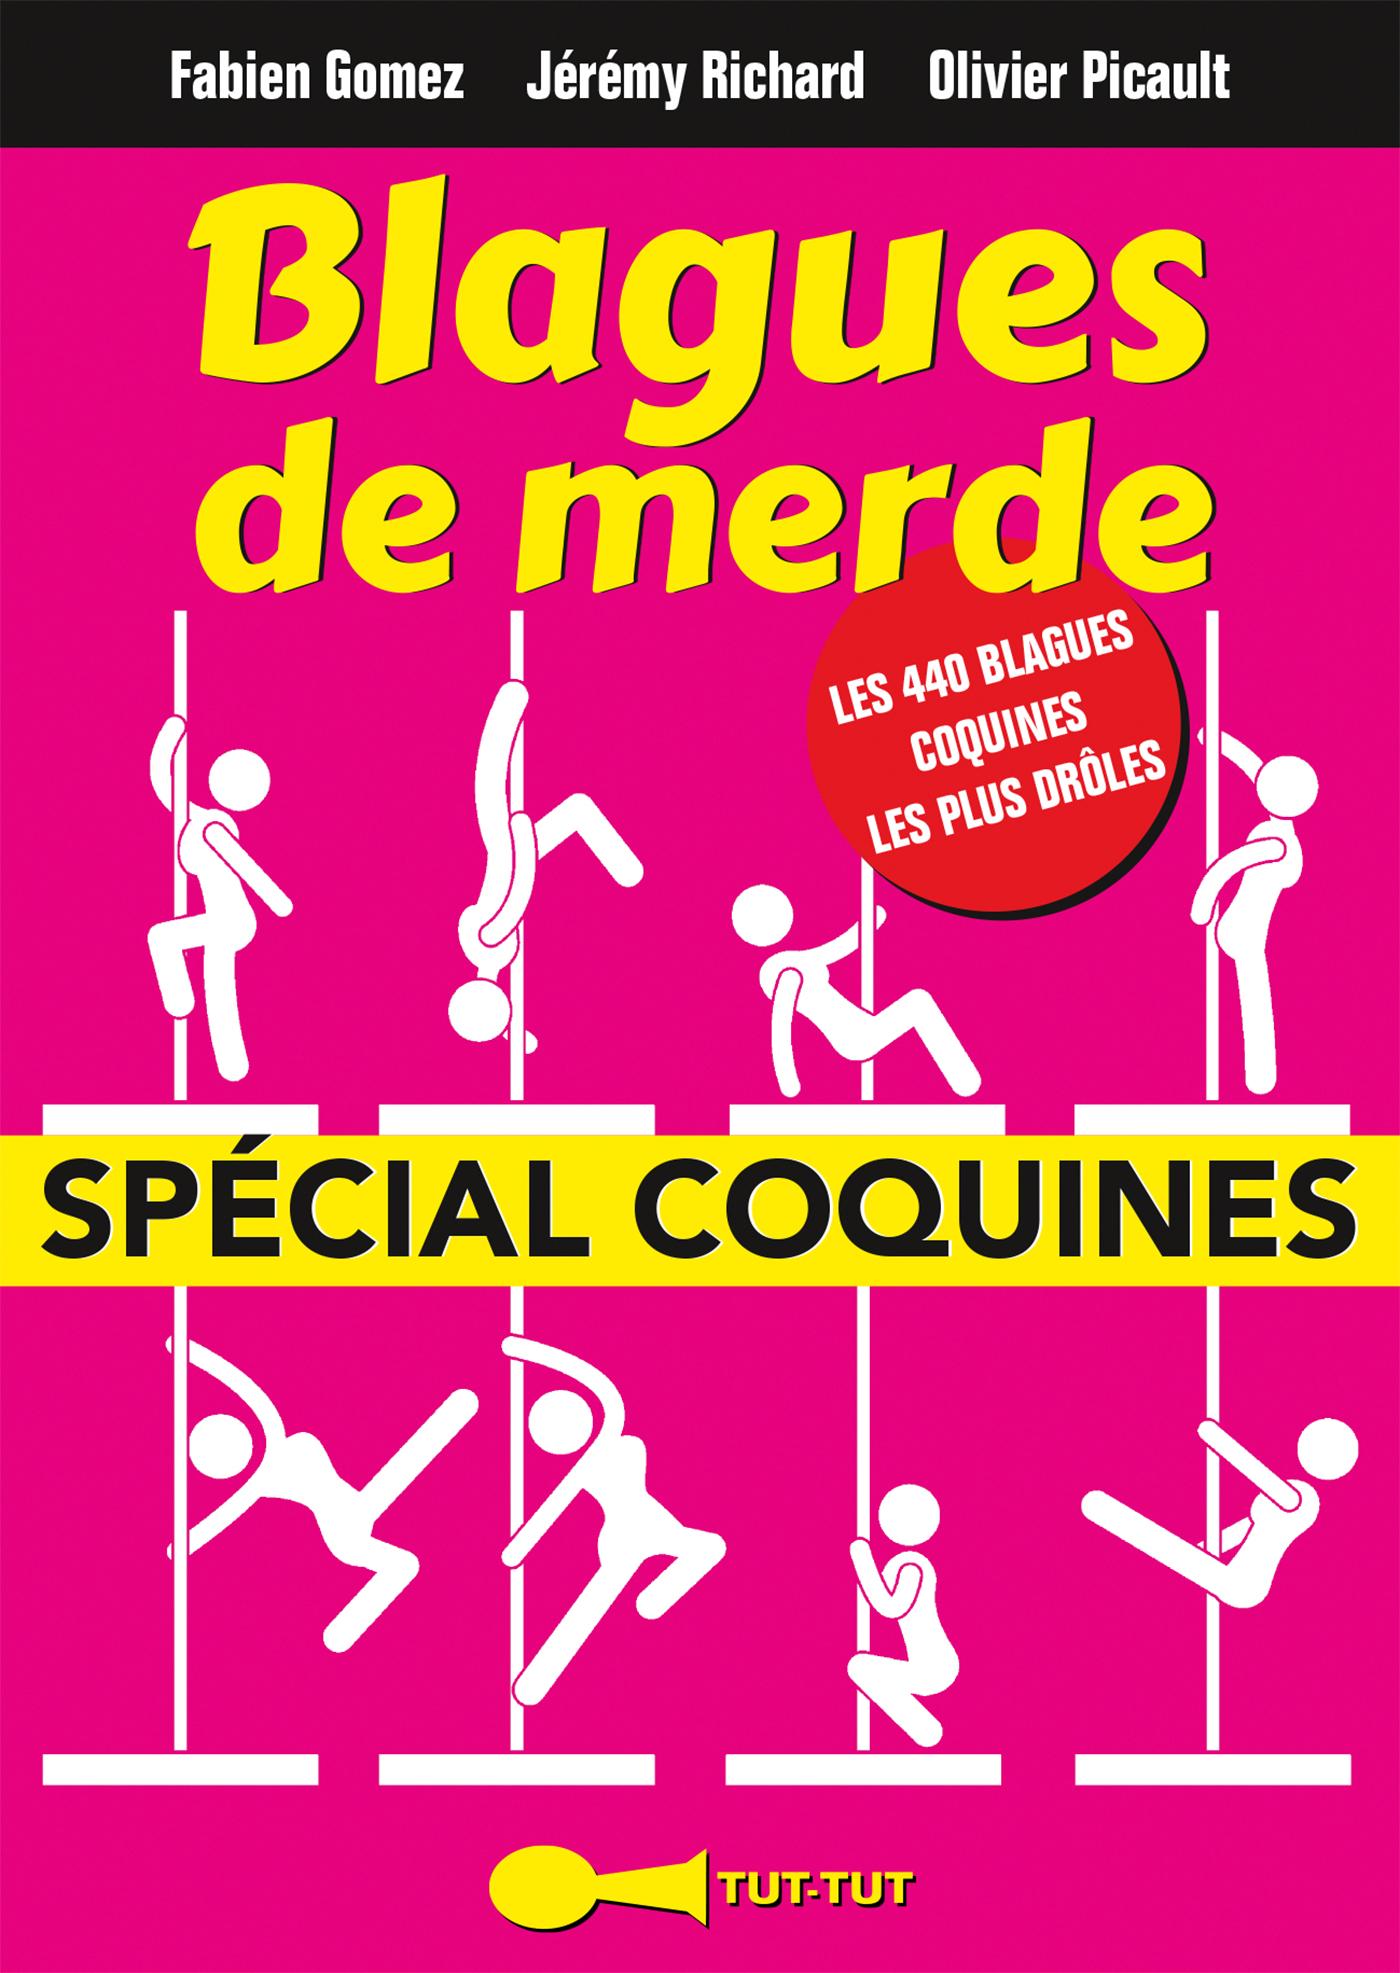 Leduc.s éditions : Blagues de merde spécial coquines - Les 440 blagues coquines les plus drôles ...